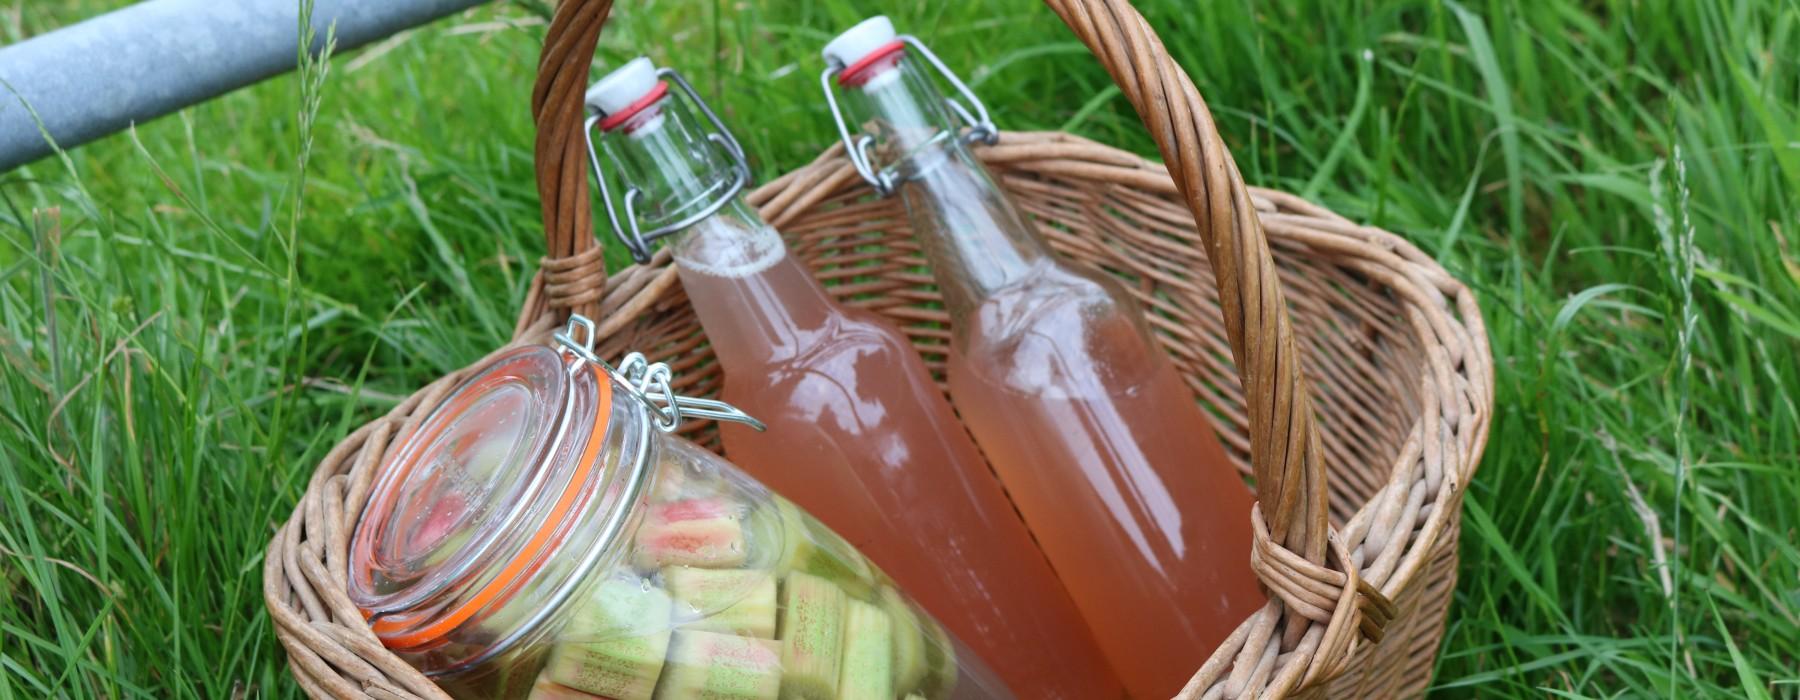 Rhubarb Gin and Rhubarb Cordial